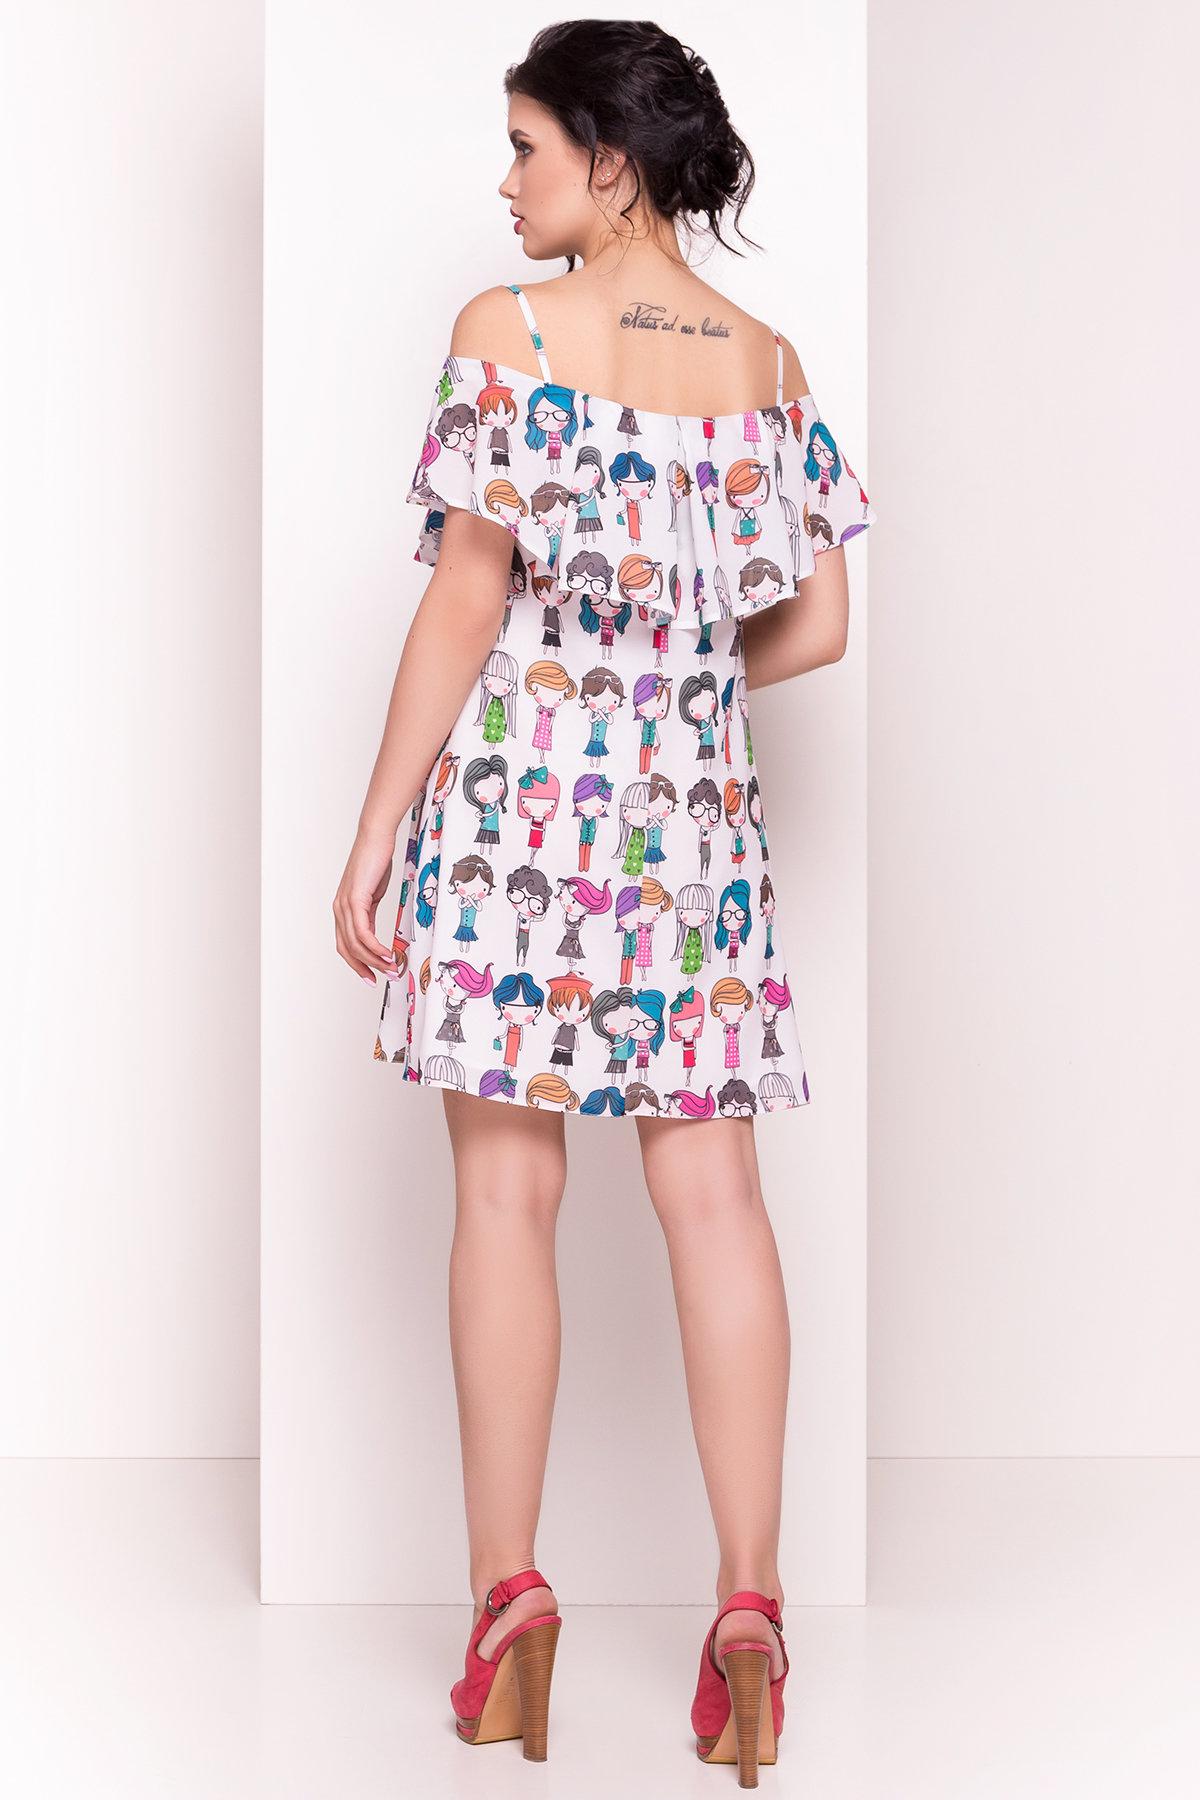 TW Платье Восток 5119 Цвет: Молоко/Разноцветный молодежь